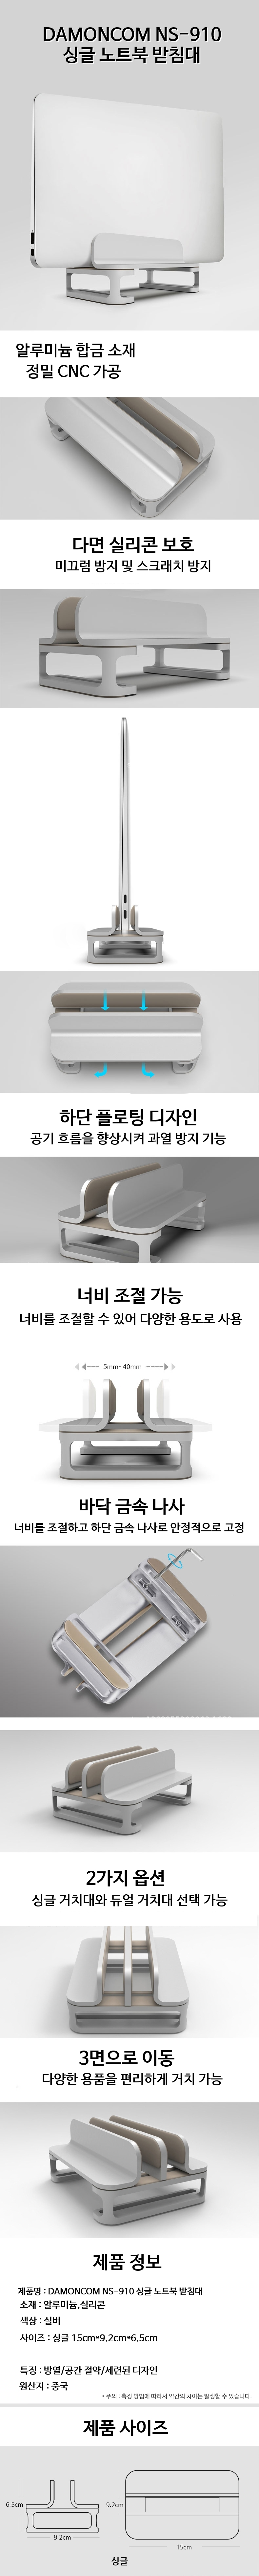 DAMONCOM NS-910 싱글 노트북 받침대